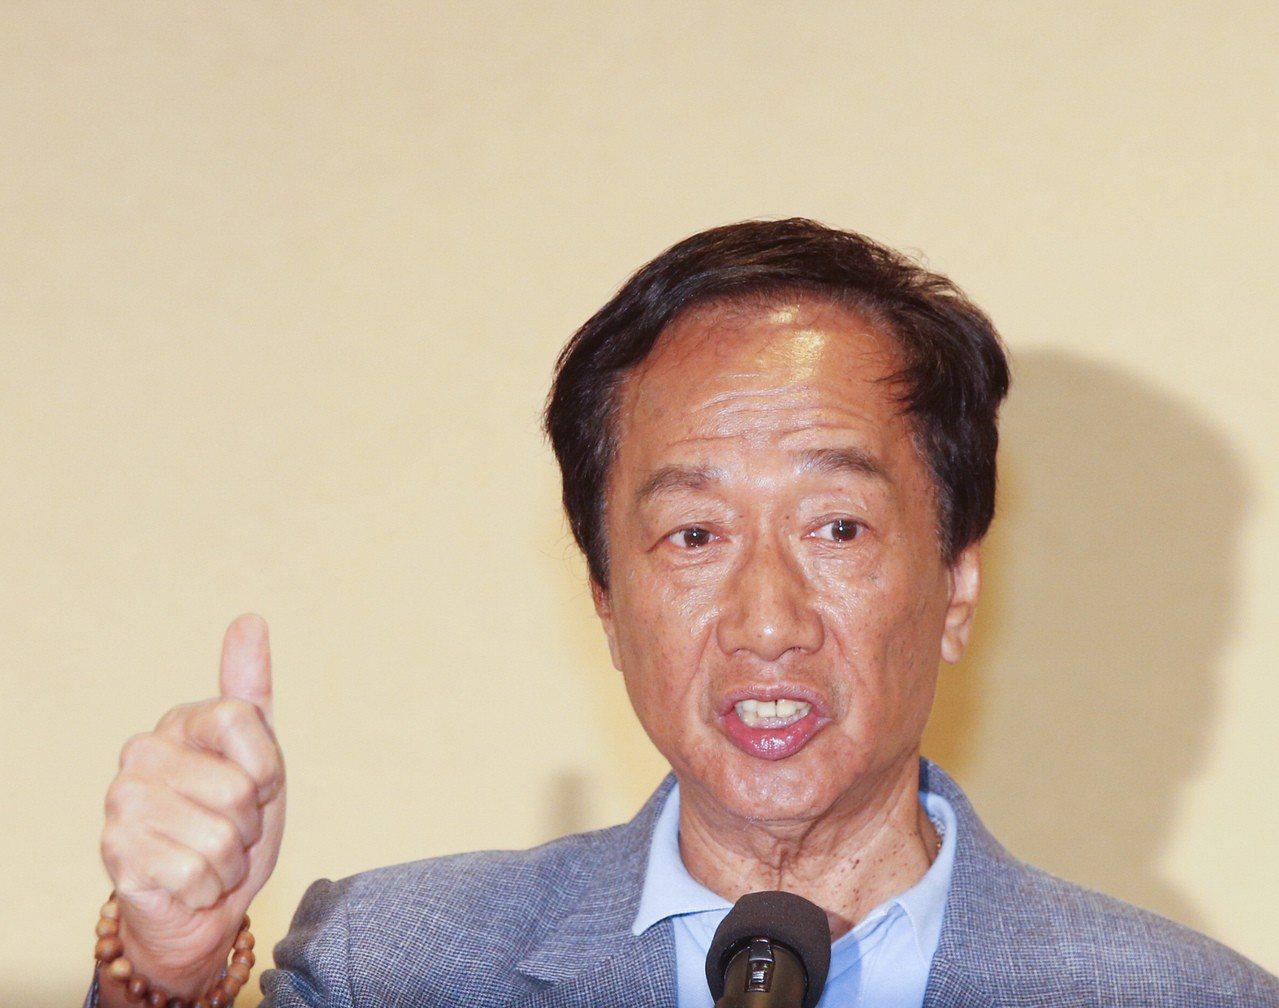 鴻海董事長郭台銘接受天下雜誌專訪表示,針對兩岸問題,他表示自己不會講九二共識,不...